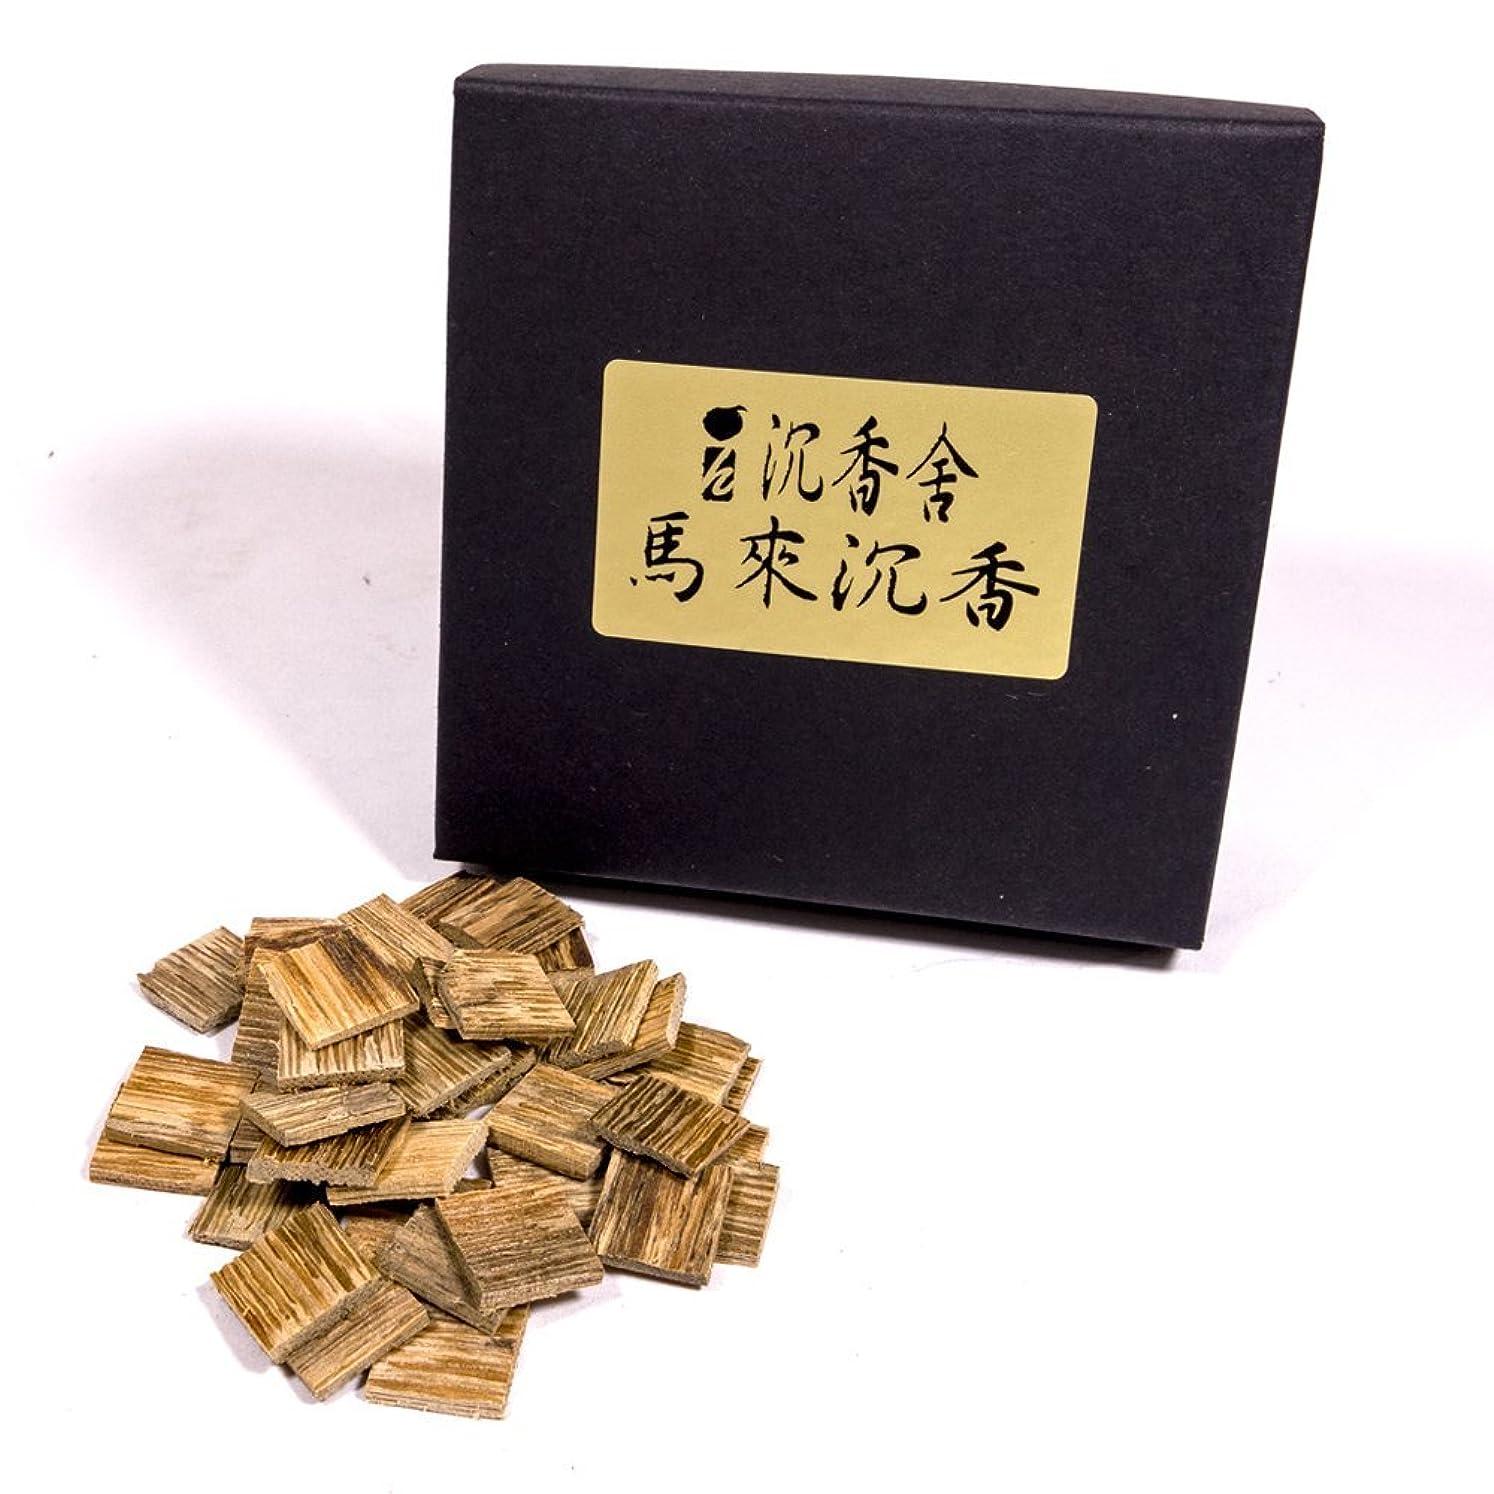 ヘルパーモーション塩辛い馬來西亞 沈香角割刻み マレーシア産 沈香 5g お香 お焼香 焼香 天然沈香香木刻み こづつ用